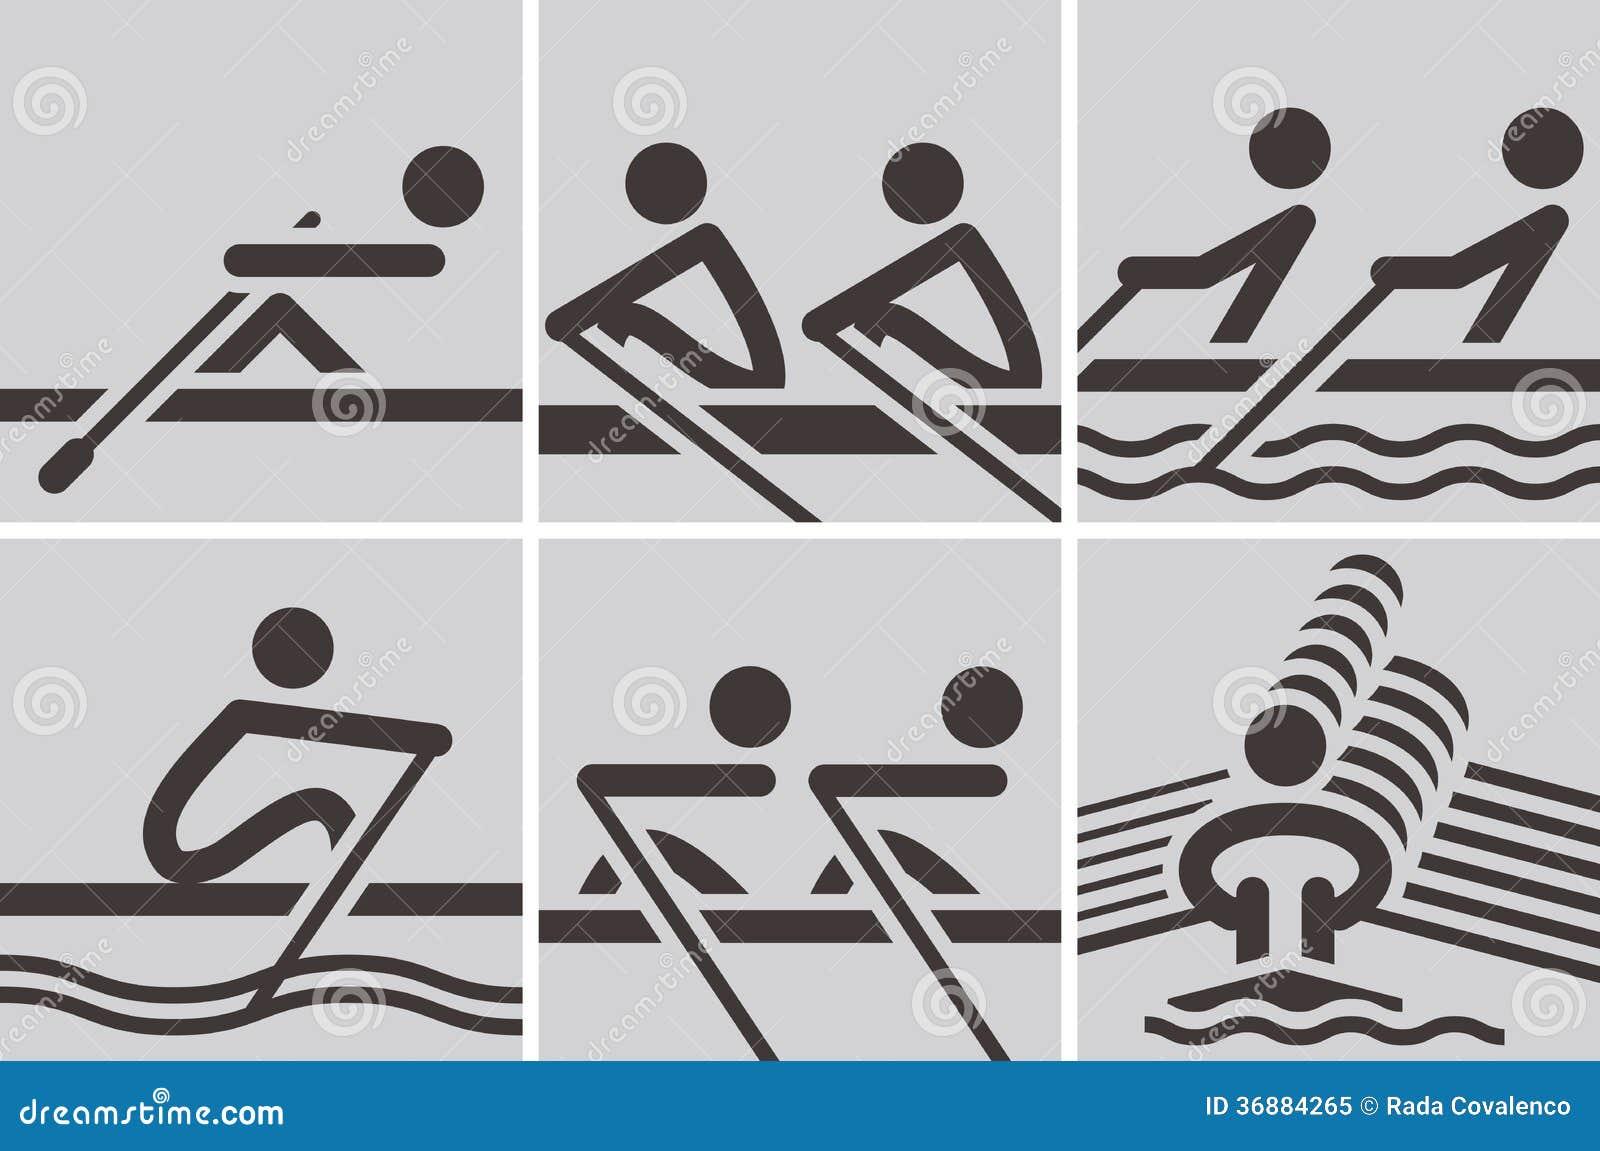 Download Icone di rematura illustrazione vettoriale. Illustrazione di remi - 36884265